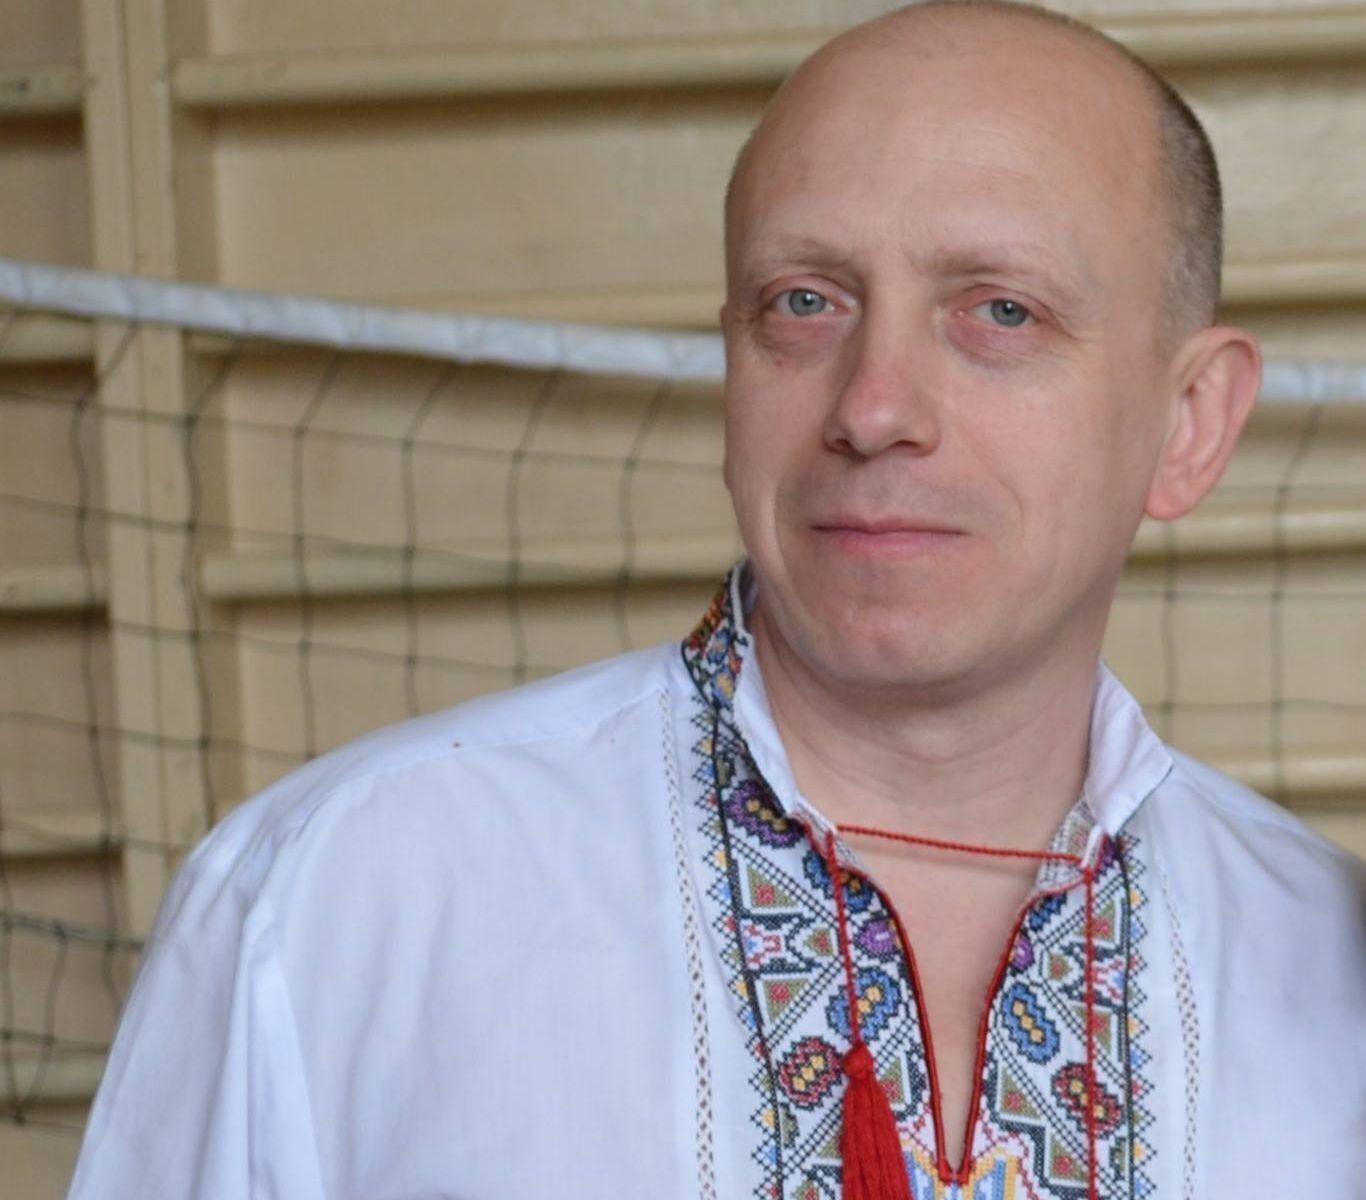 Роман Московченко, по словам жертв, молился с ними, а потом насиловал.